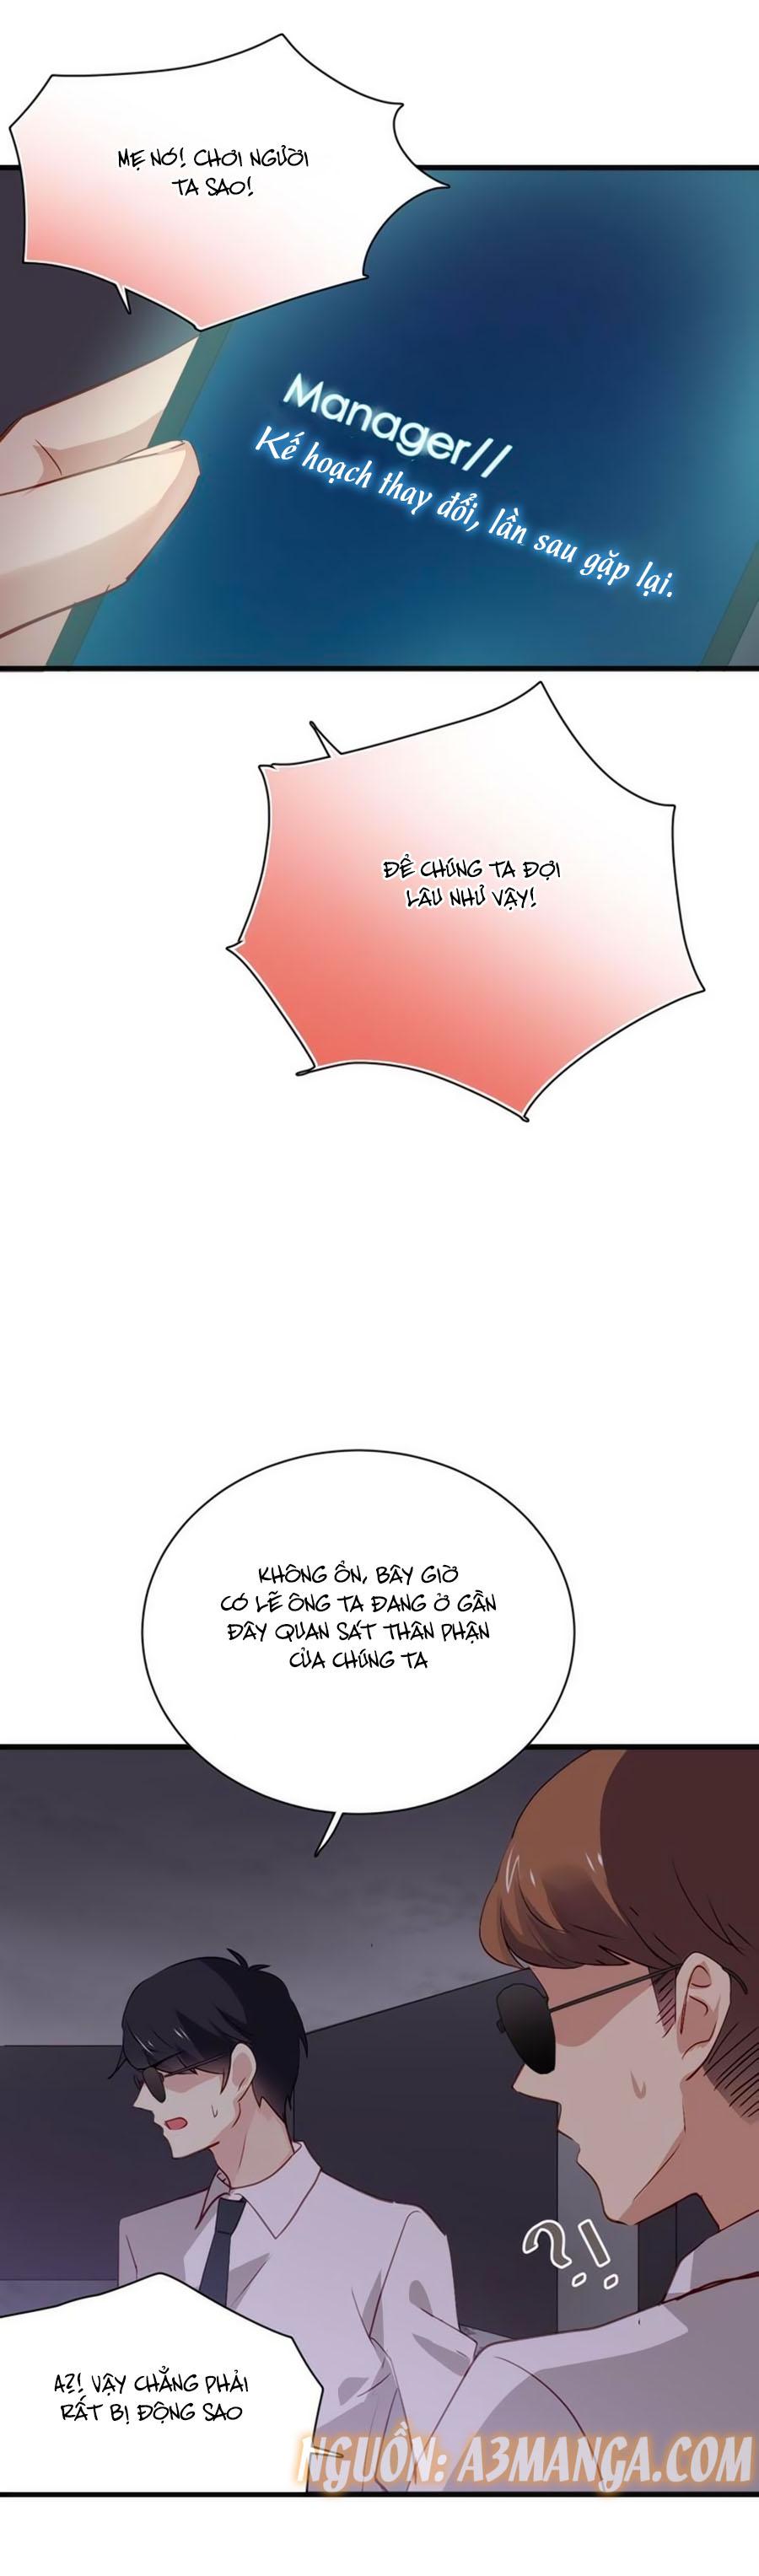 Tình Yêu Là Thế Chap 46